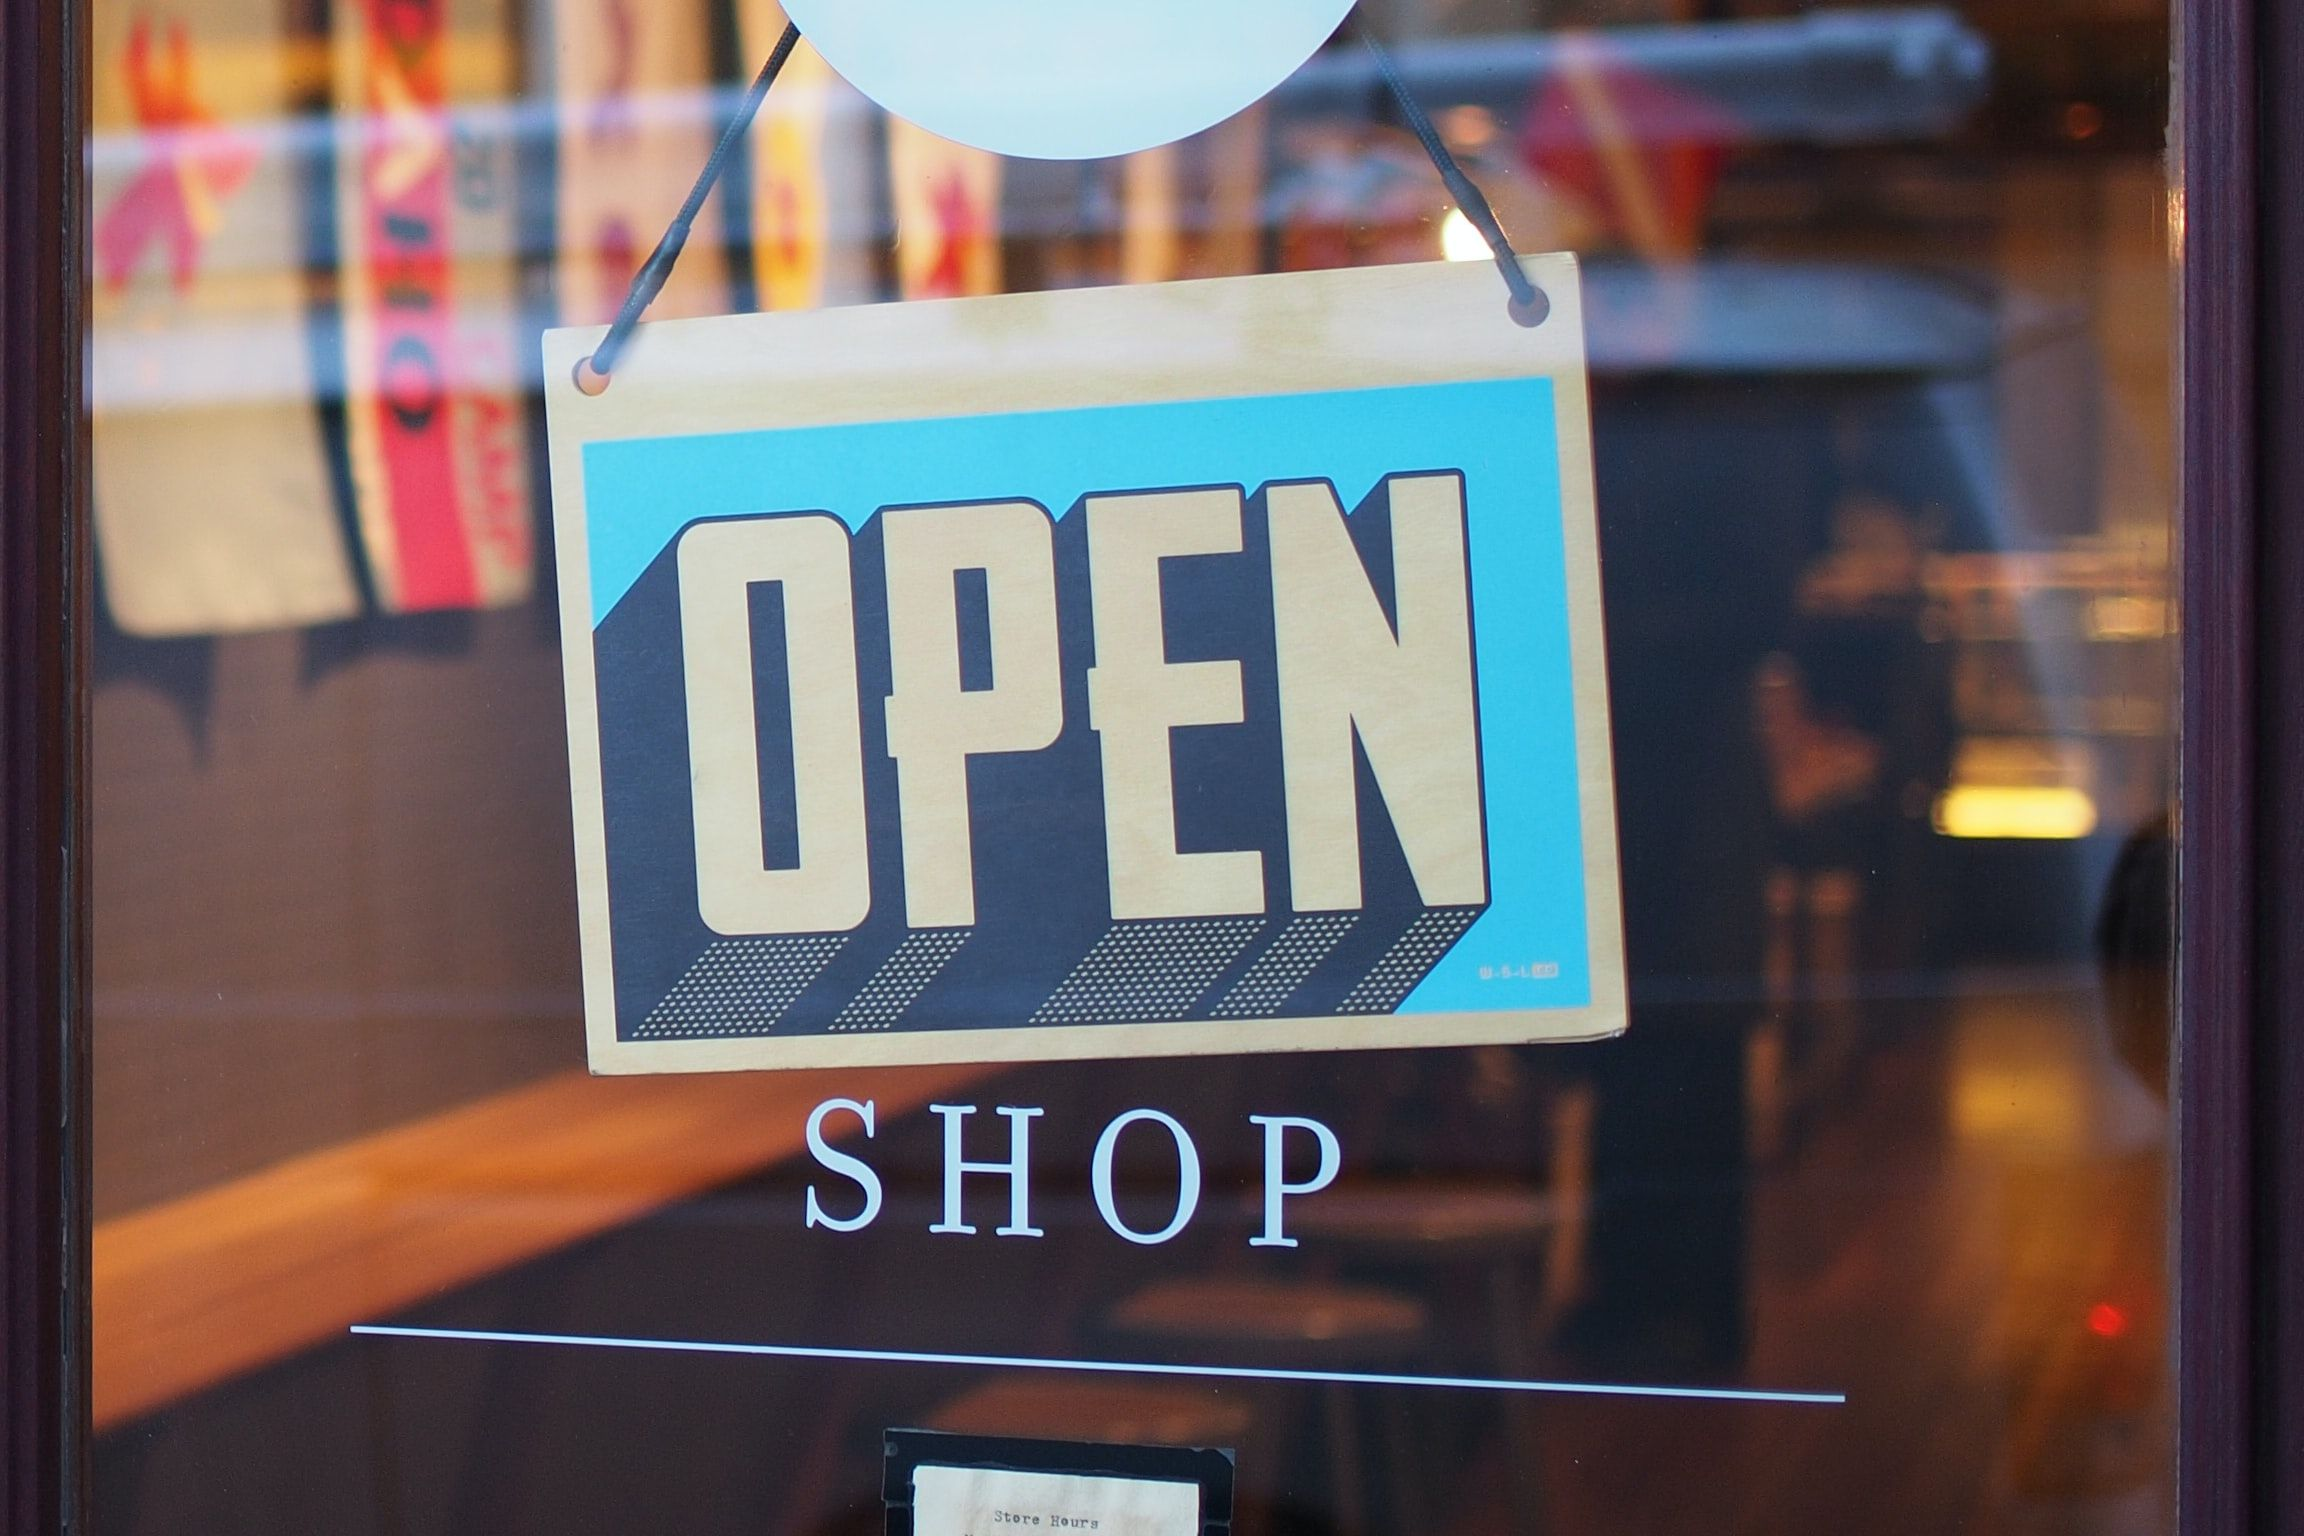 shop, image open